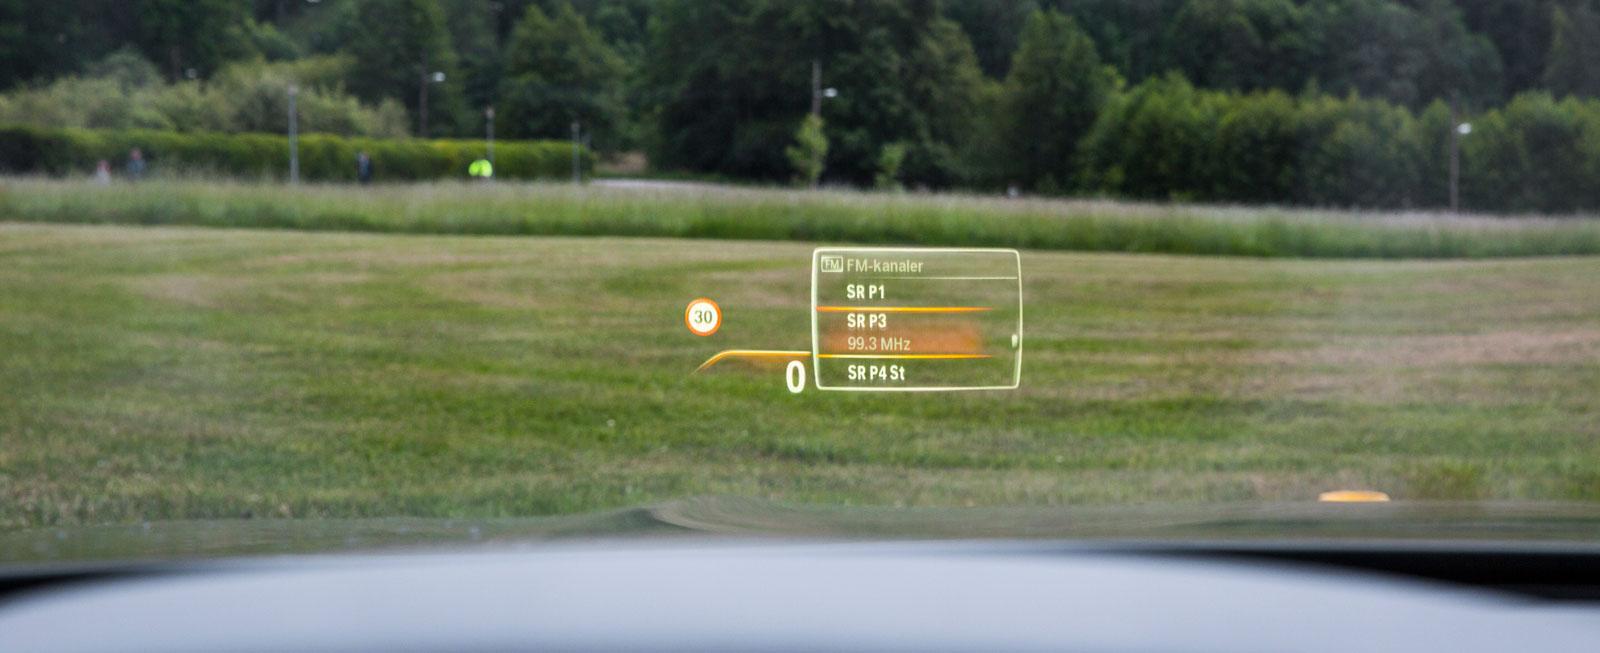 Stor head up-display. Via rattknapparna kommer radiolistan upp på vindrutan när man letar nästa station.